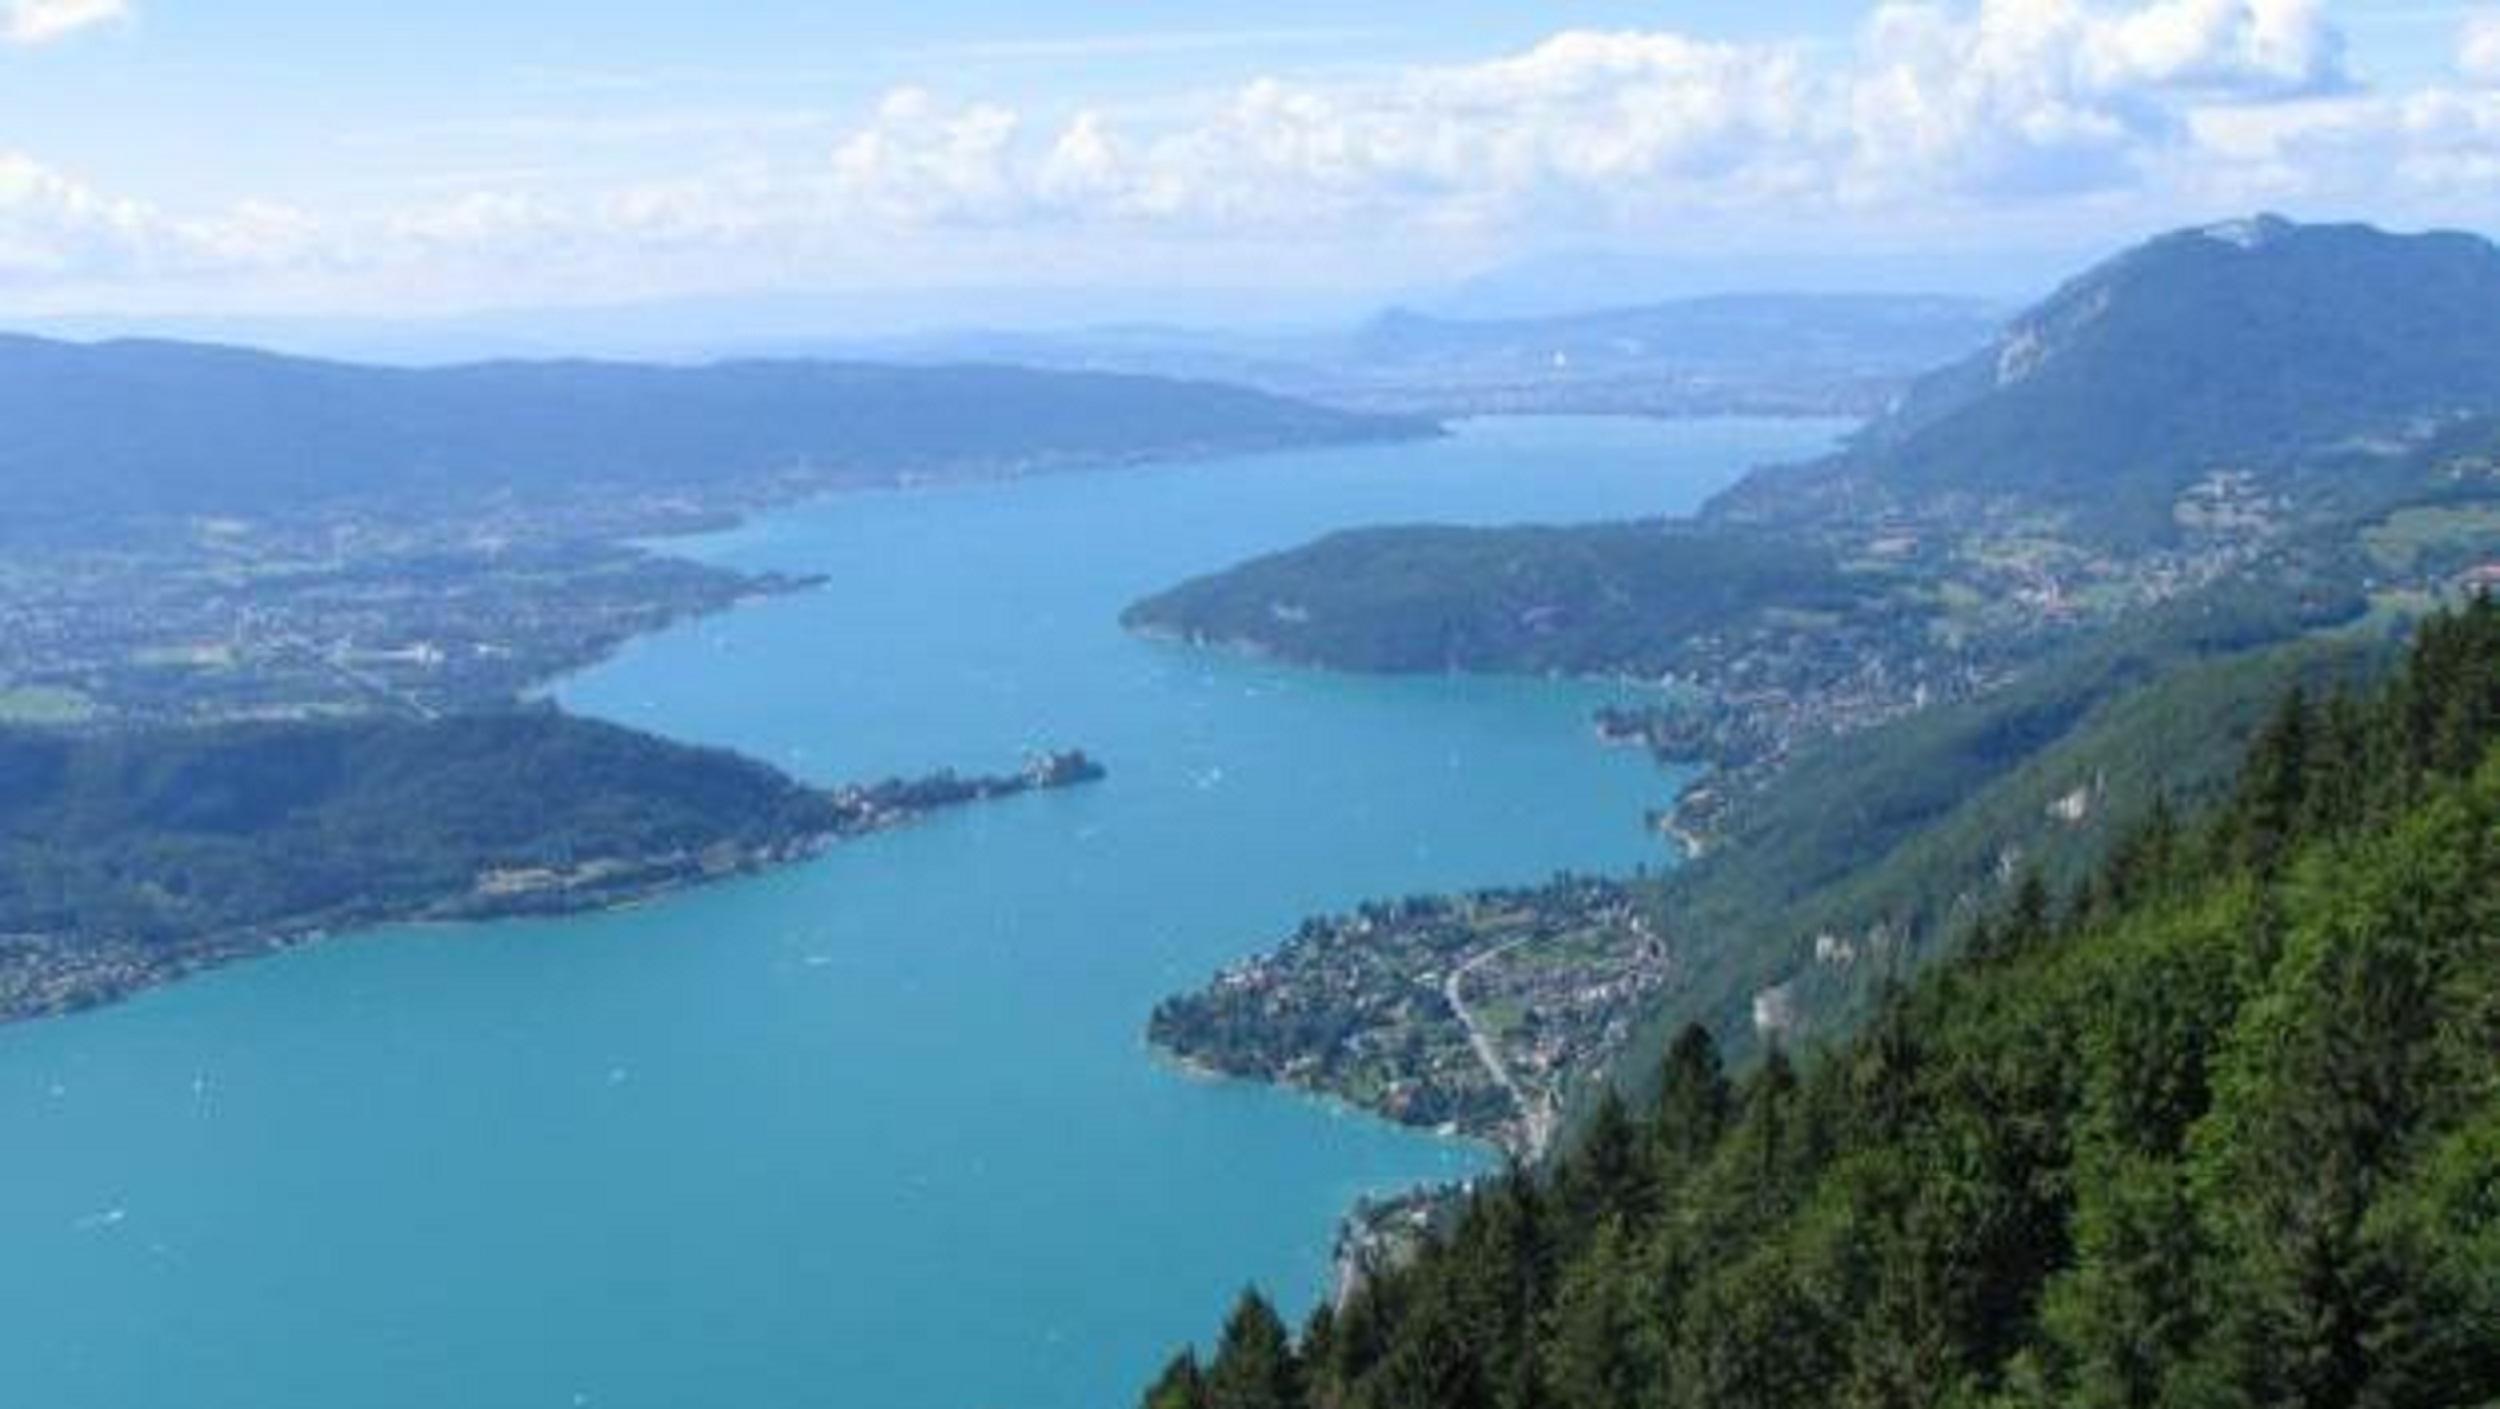 Tour du lac d Annecy GR P Doussard Refuge de Pré vérel 1243 m